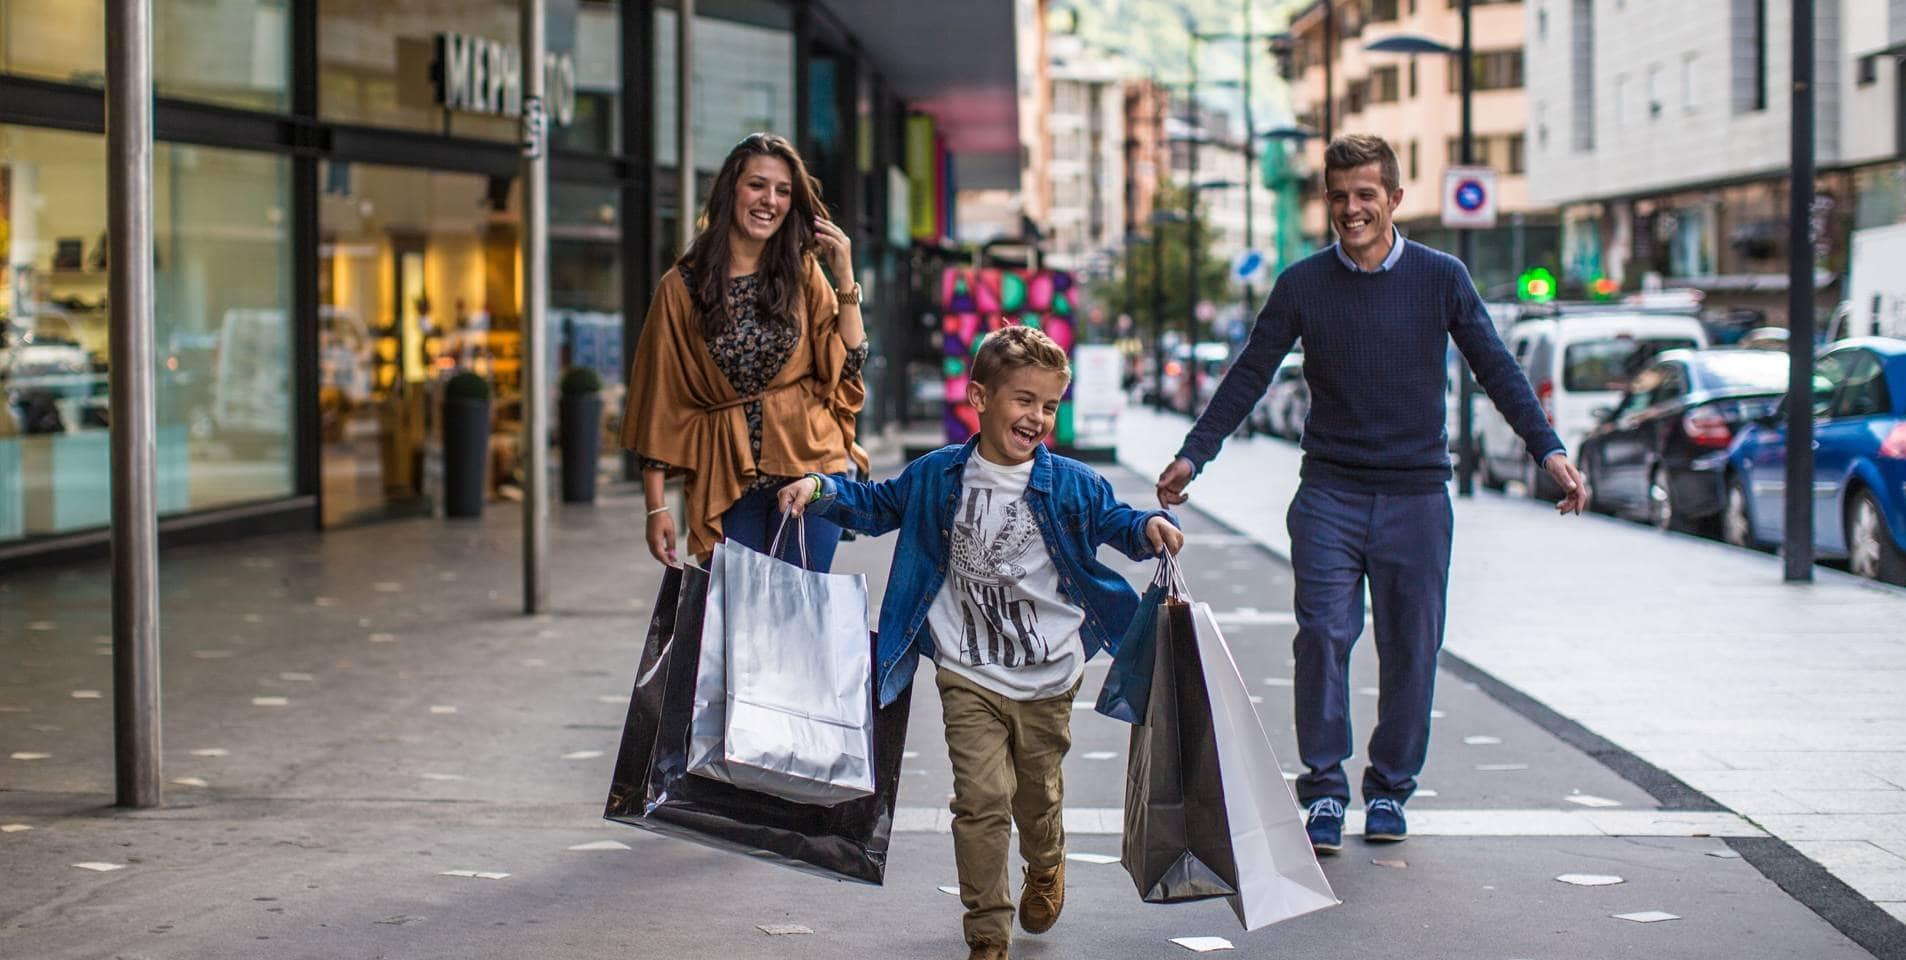 mua sắm những thứ cần thiết bằng ngân quỹ